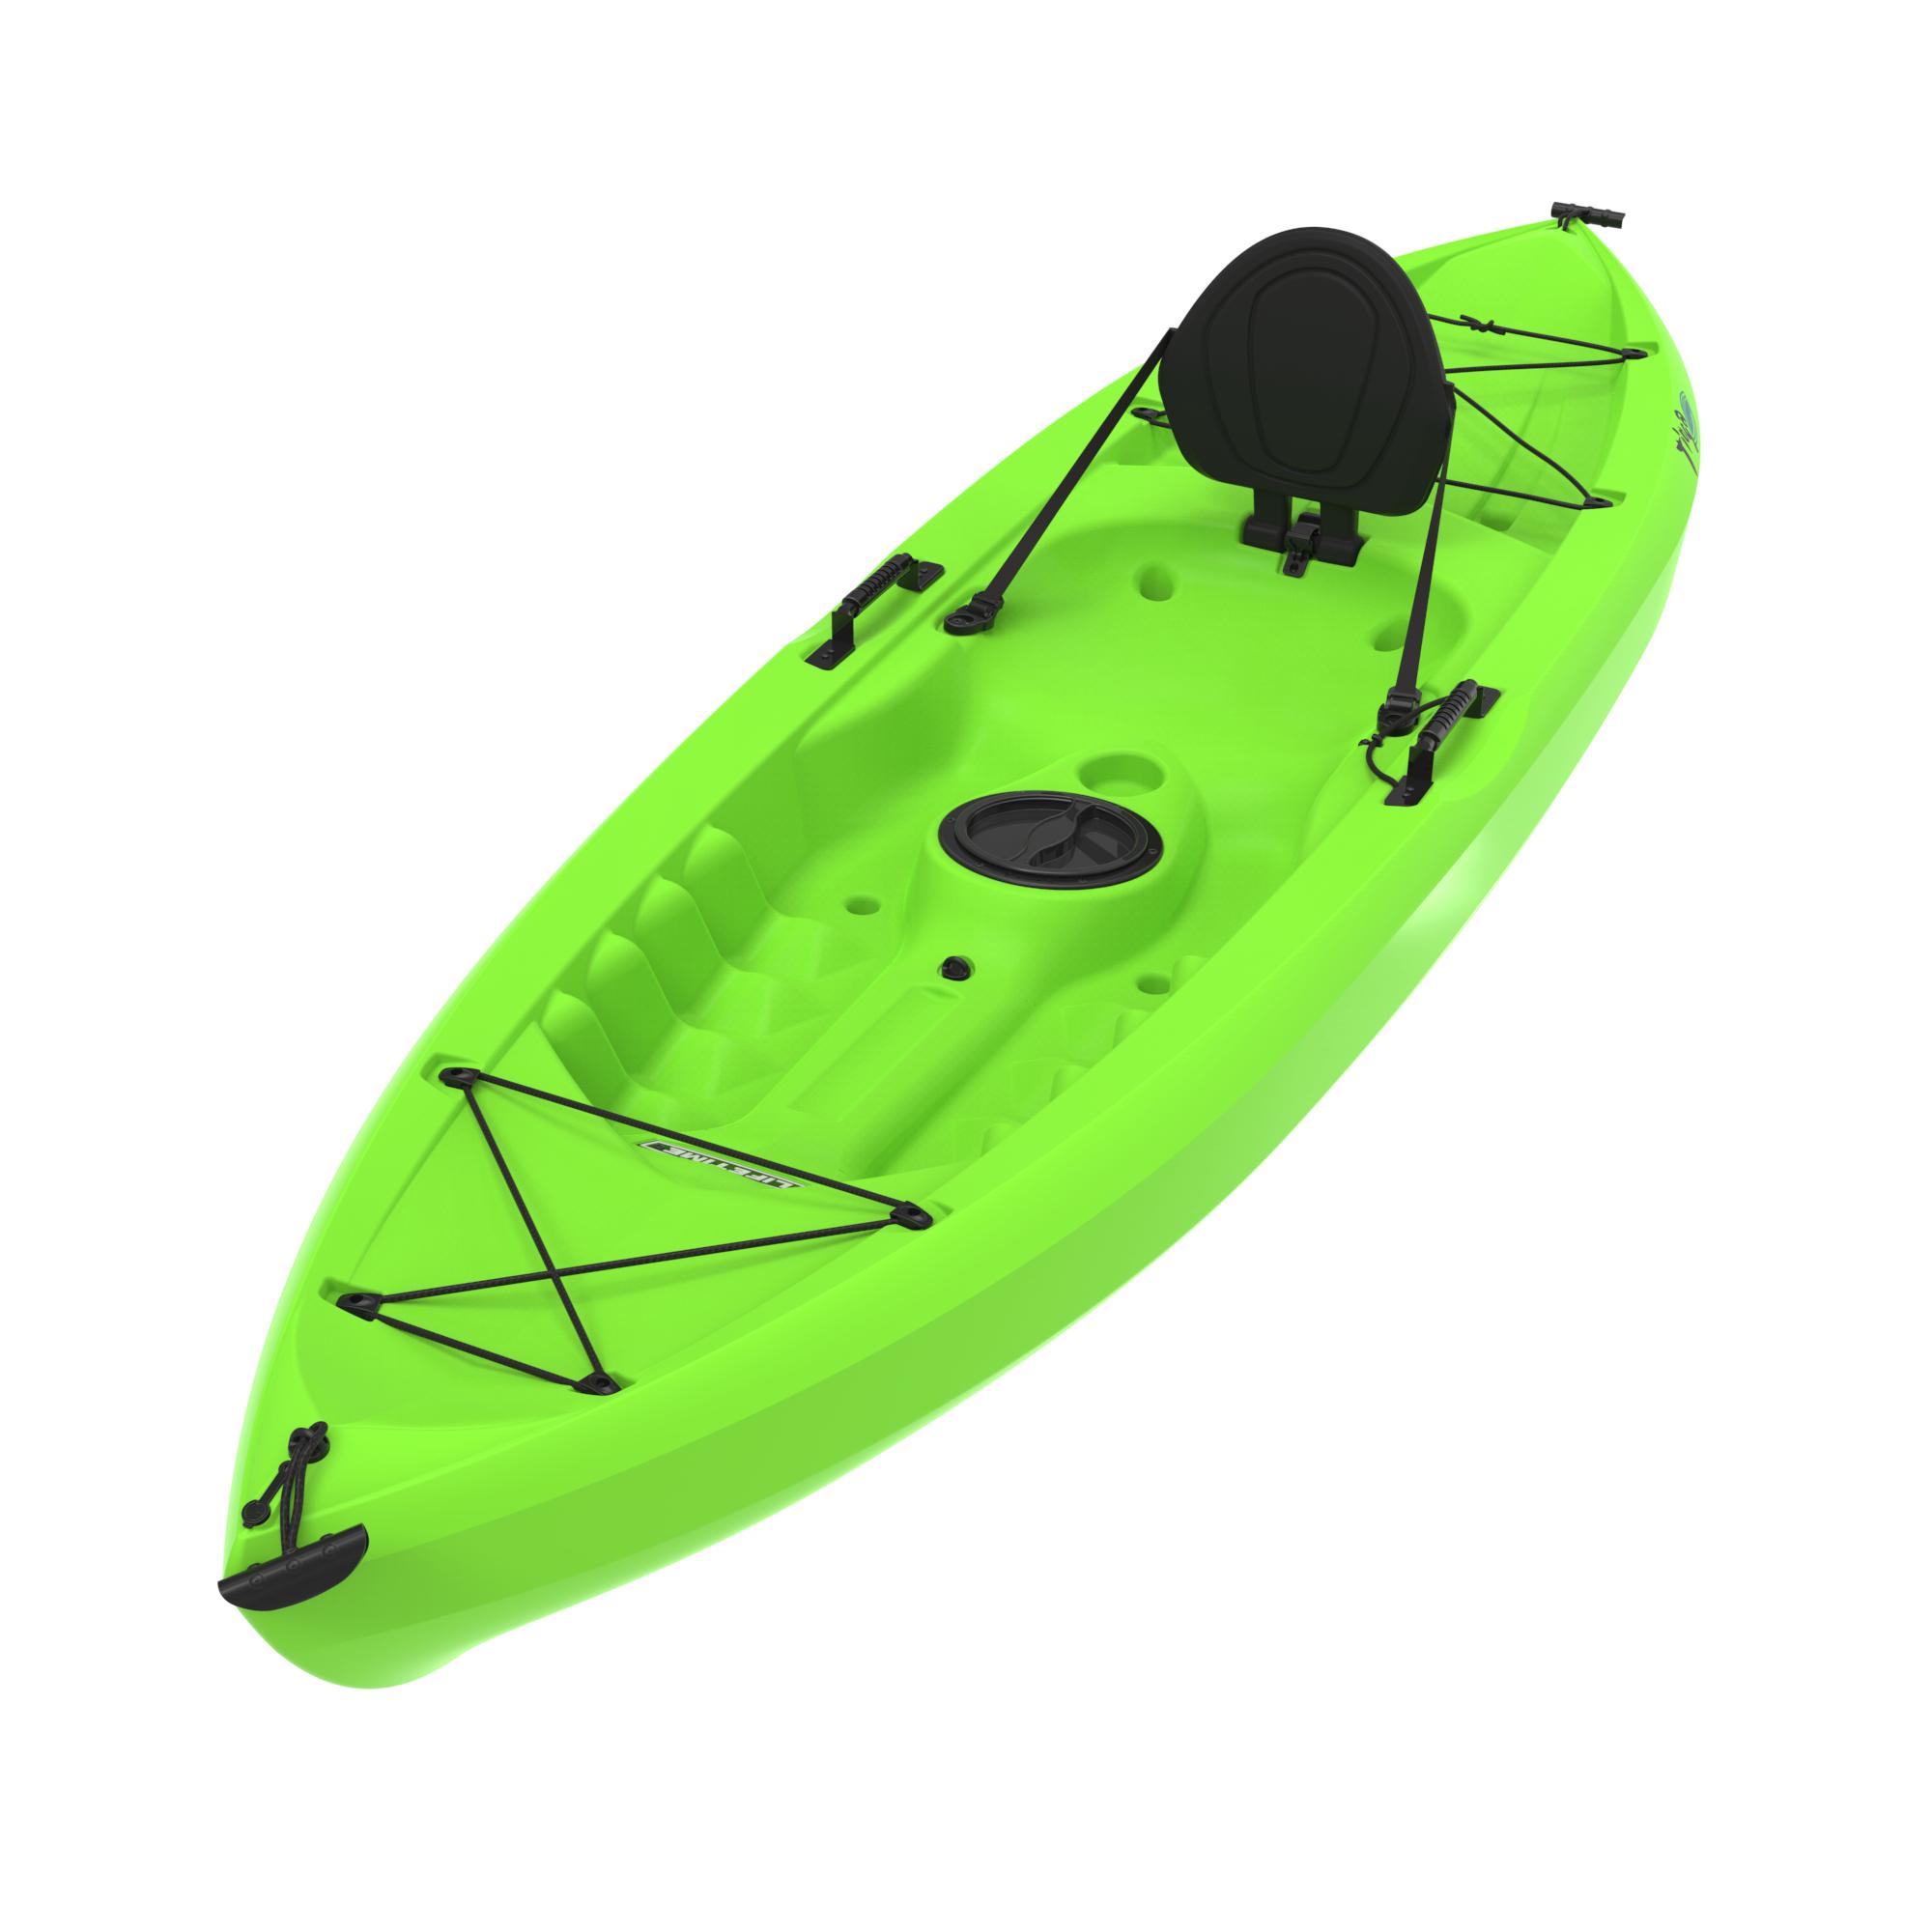 90534 Lifetime 10 Tamarack Lime Green Kayak